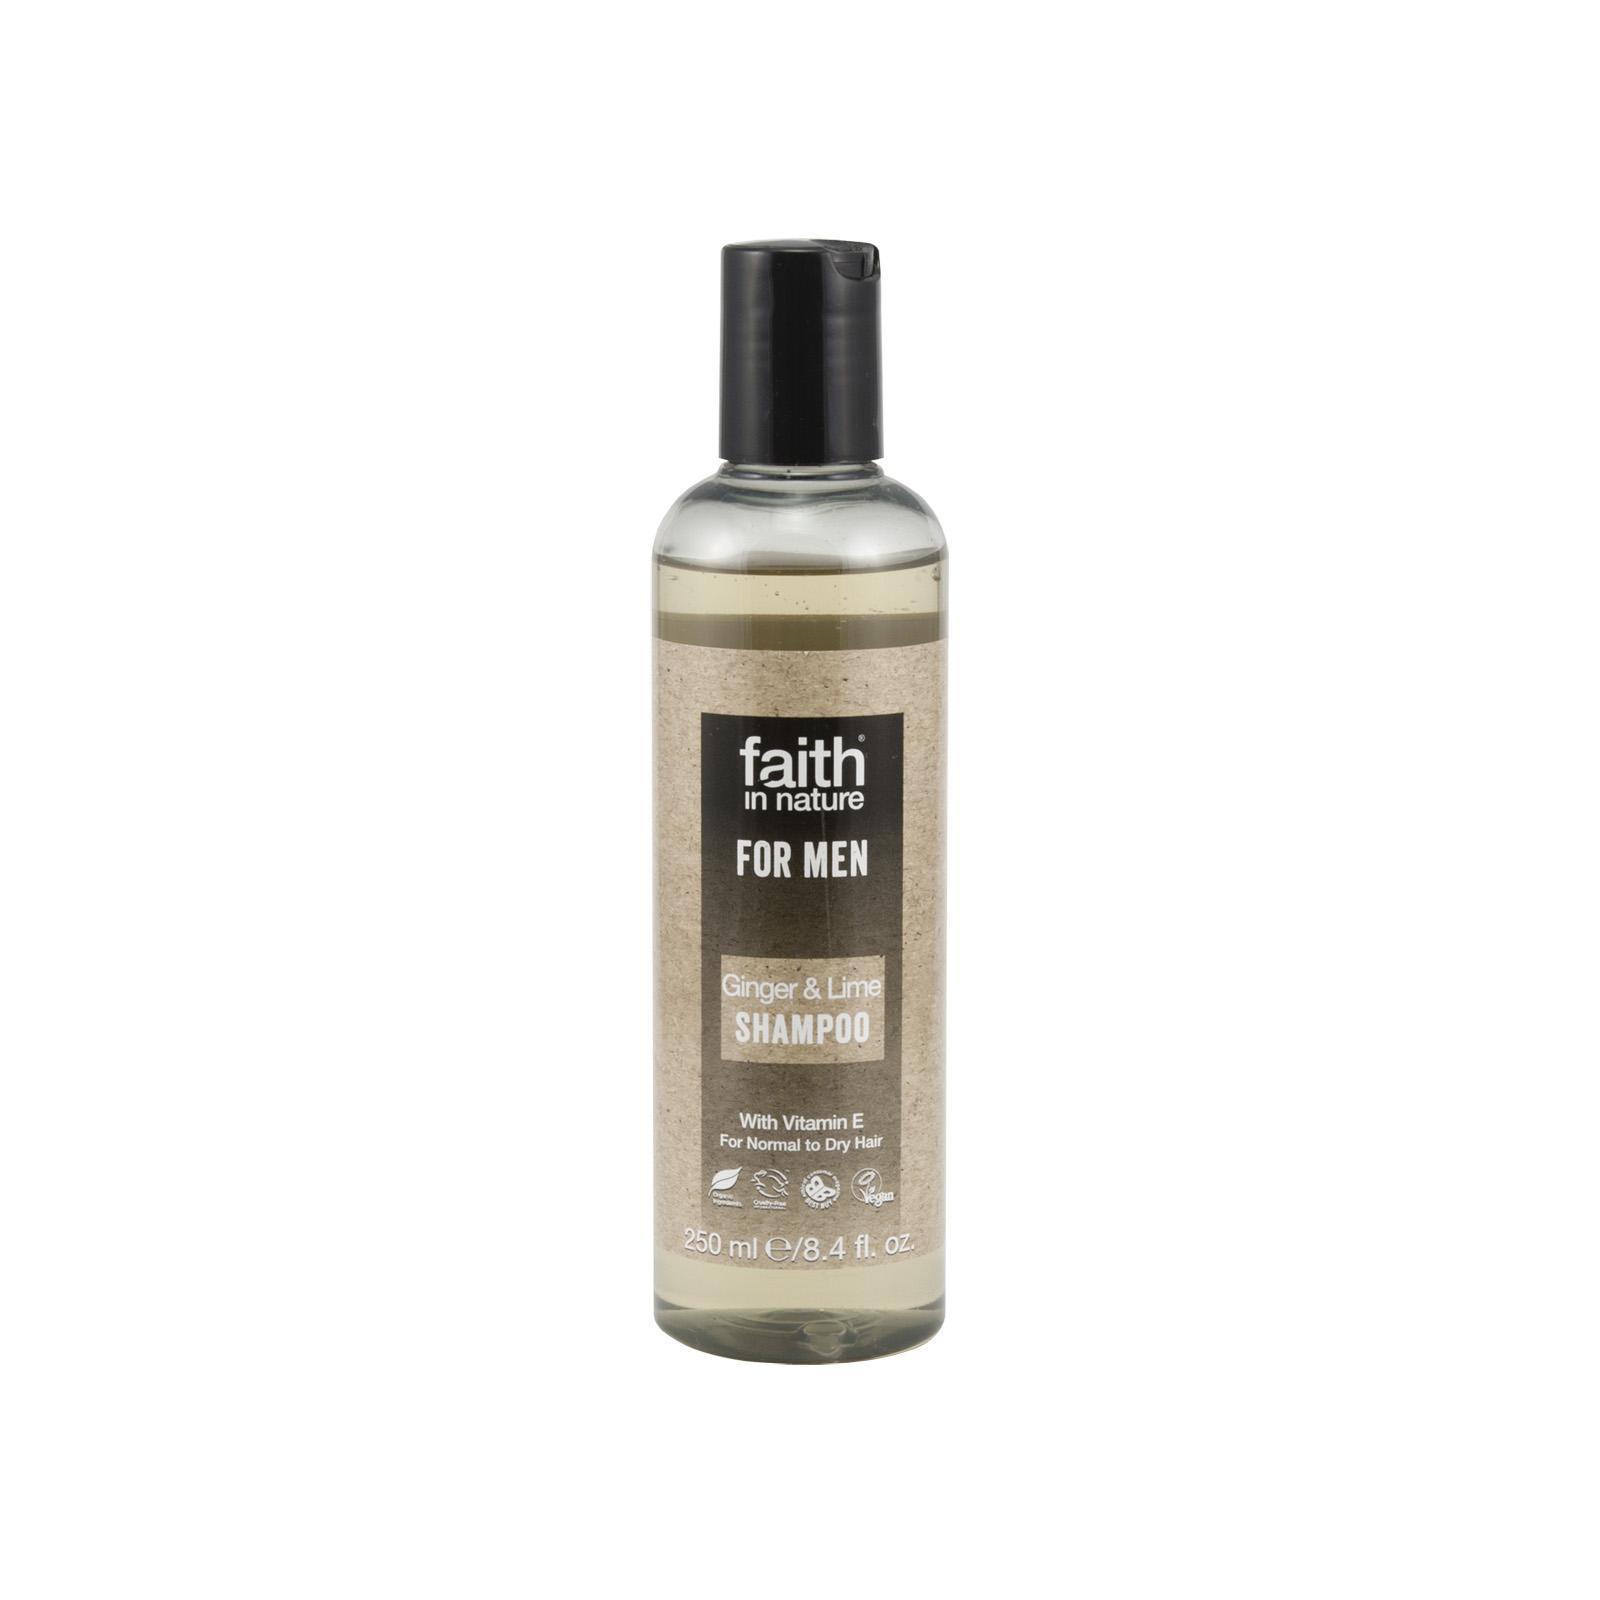 Faith in Nature Šampon zázvor & limeta, Faith for men 250 ml